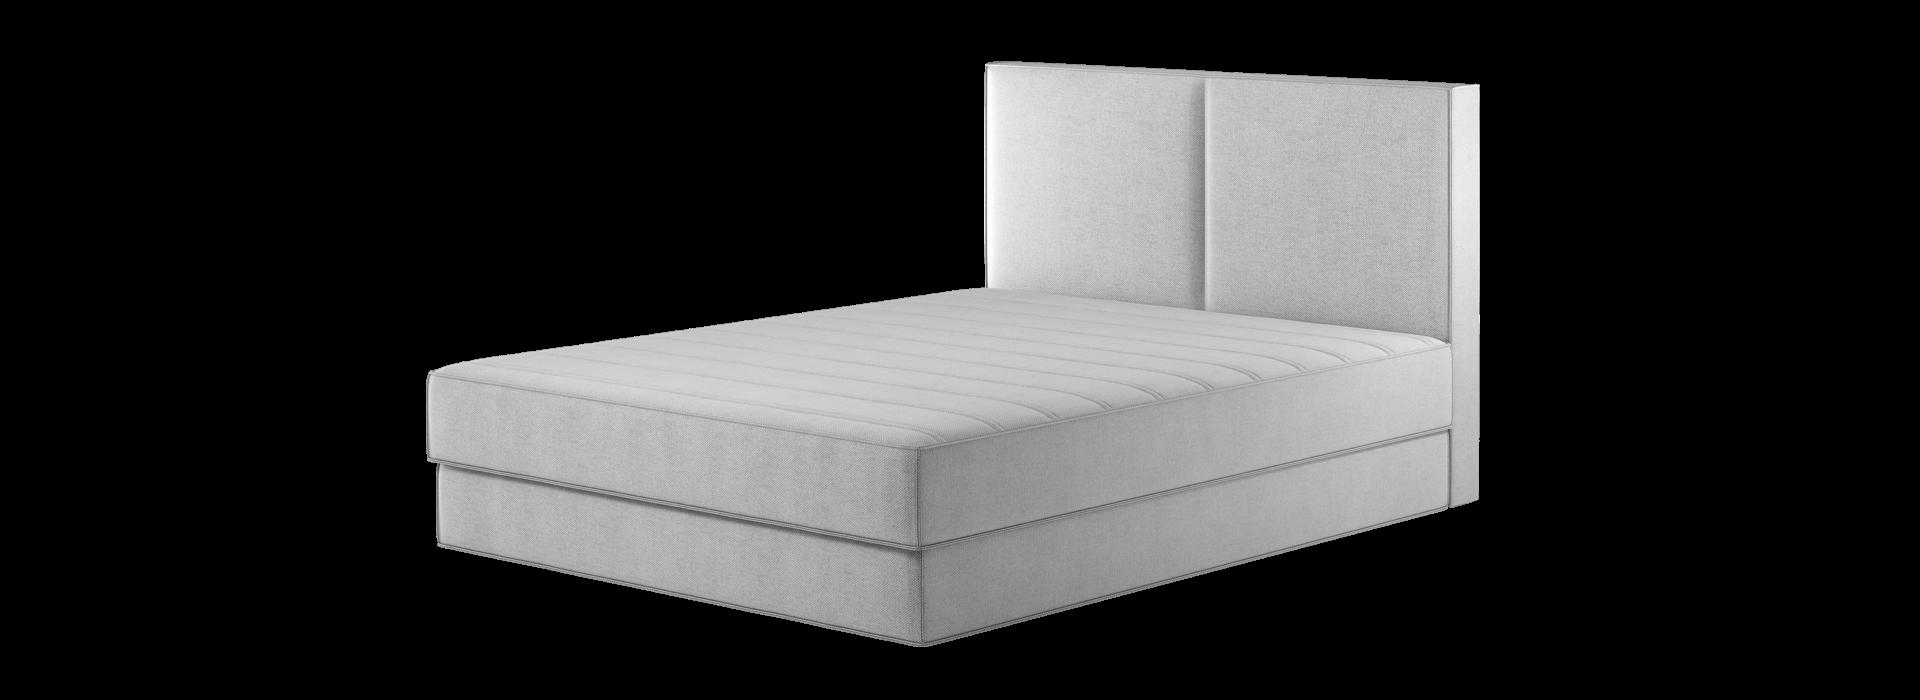 Фрея 1.6 ліжко з підйомником - маска 4